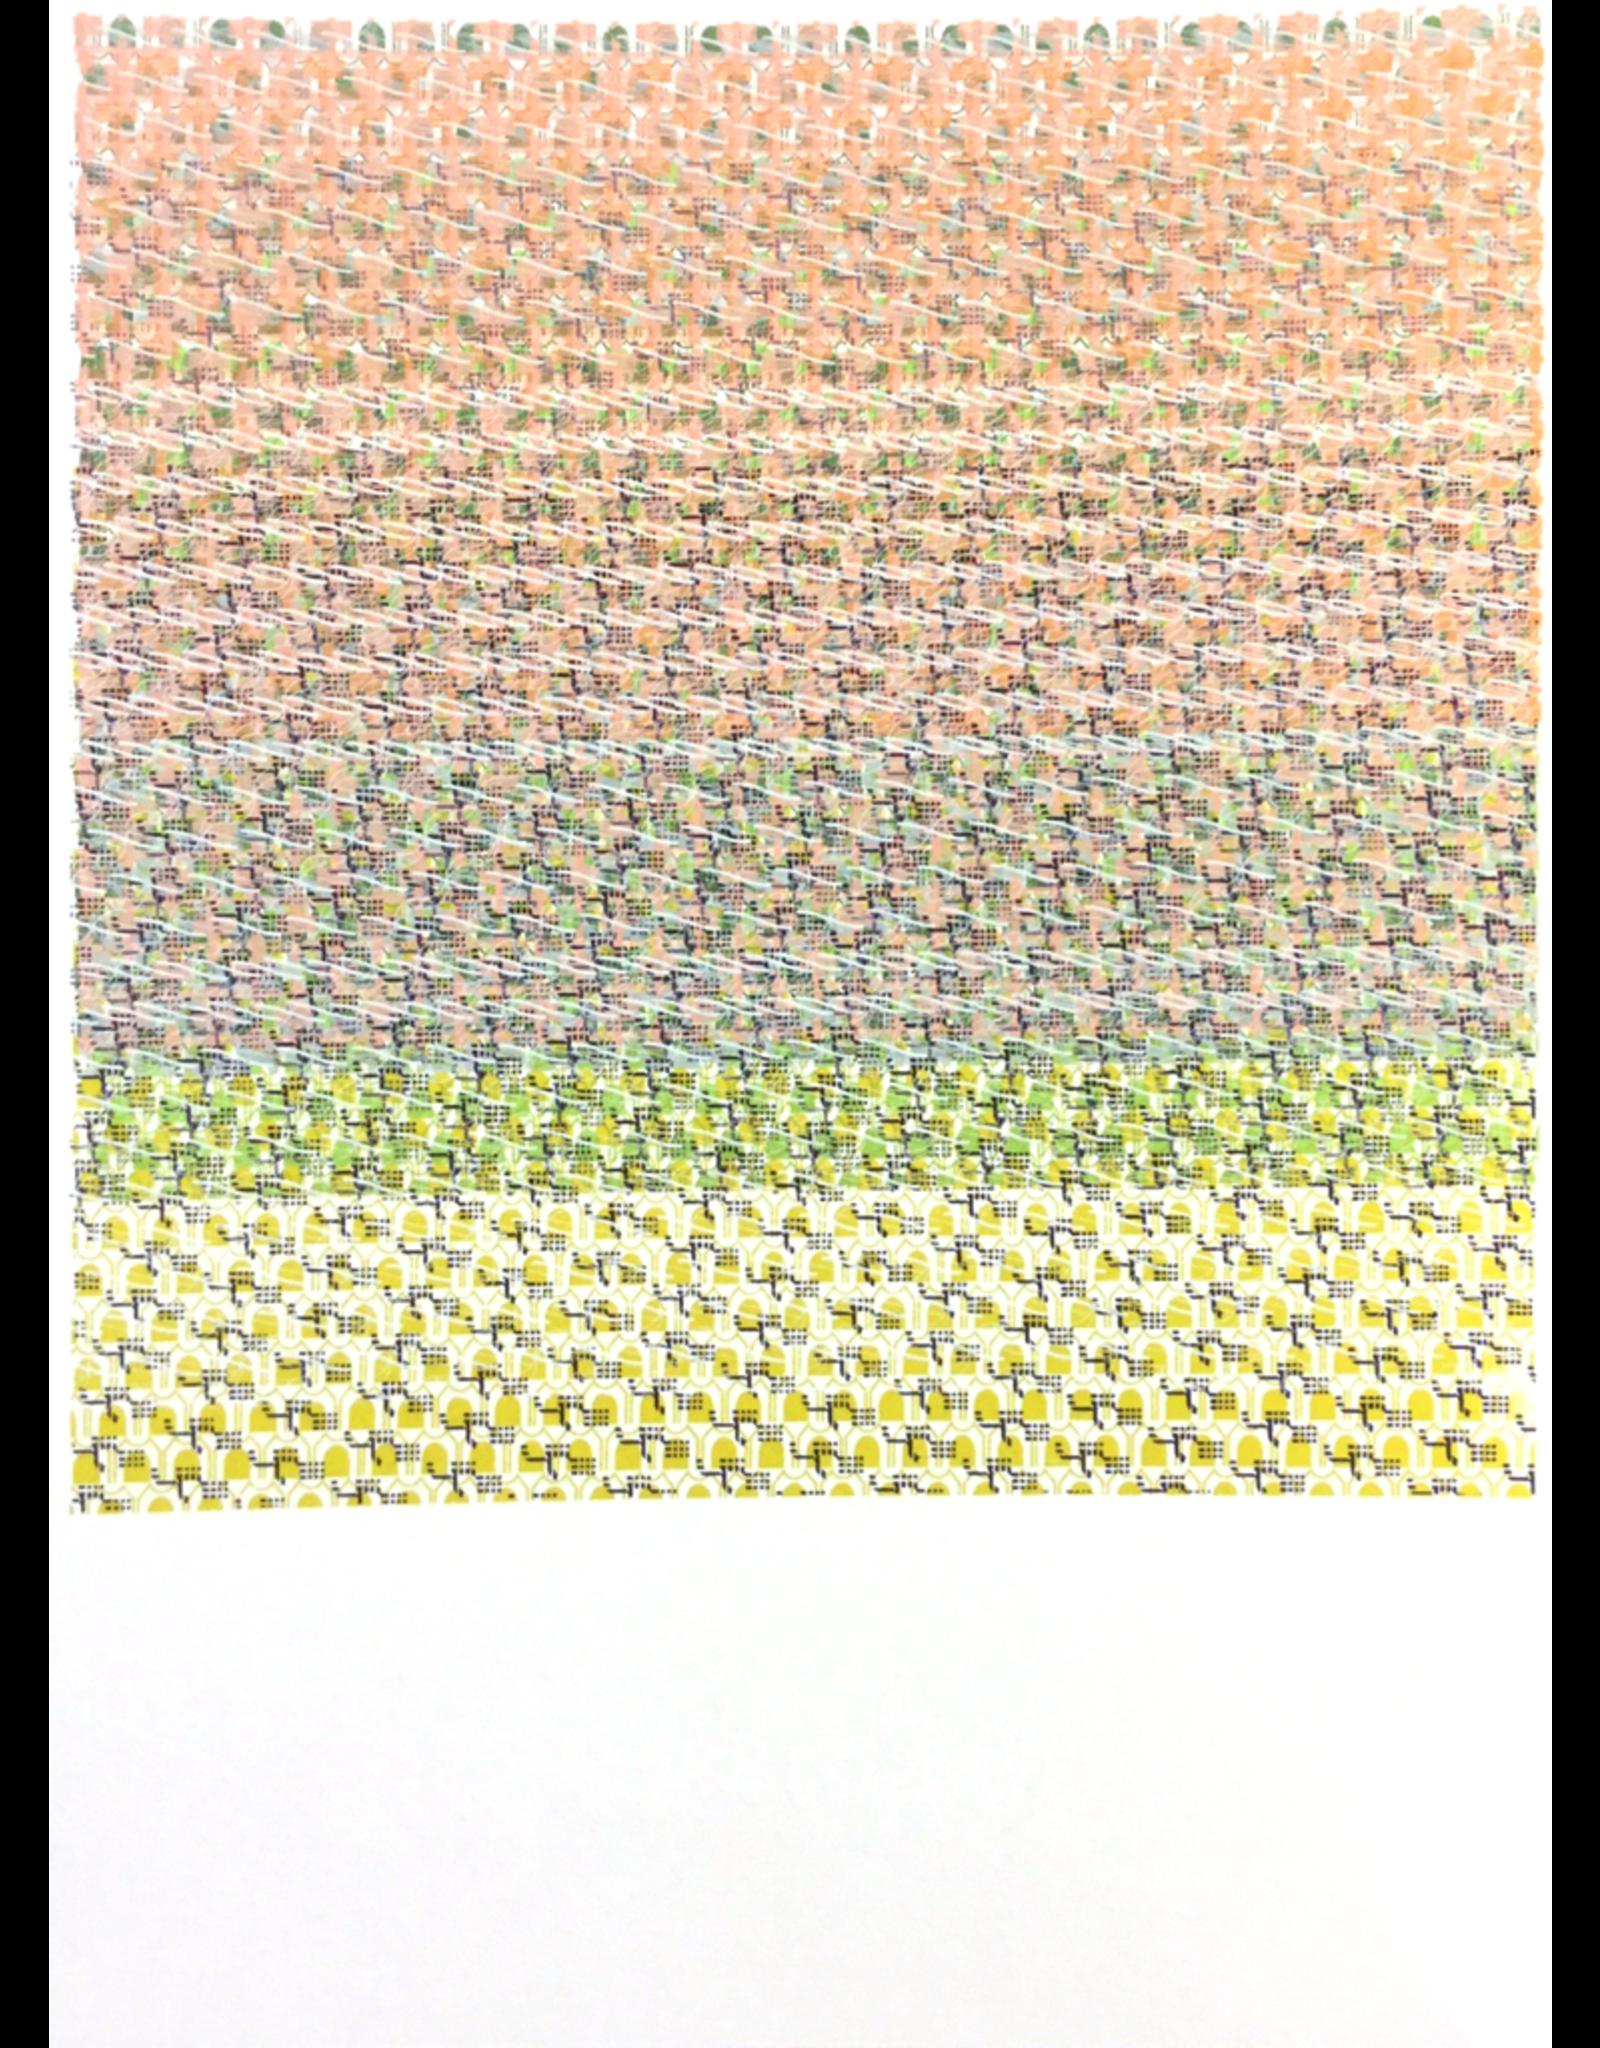 Pichon, Ilana Think: Monotype #062 (125), Ilana Pichon